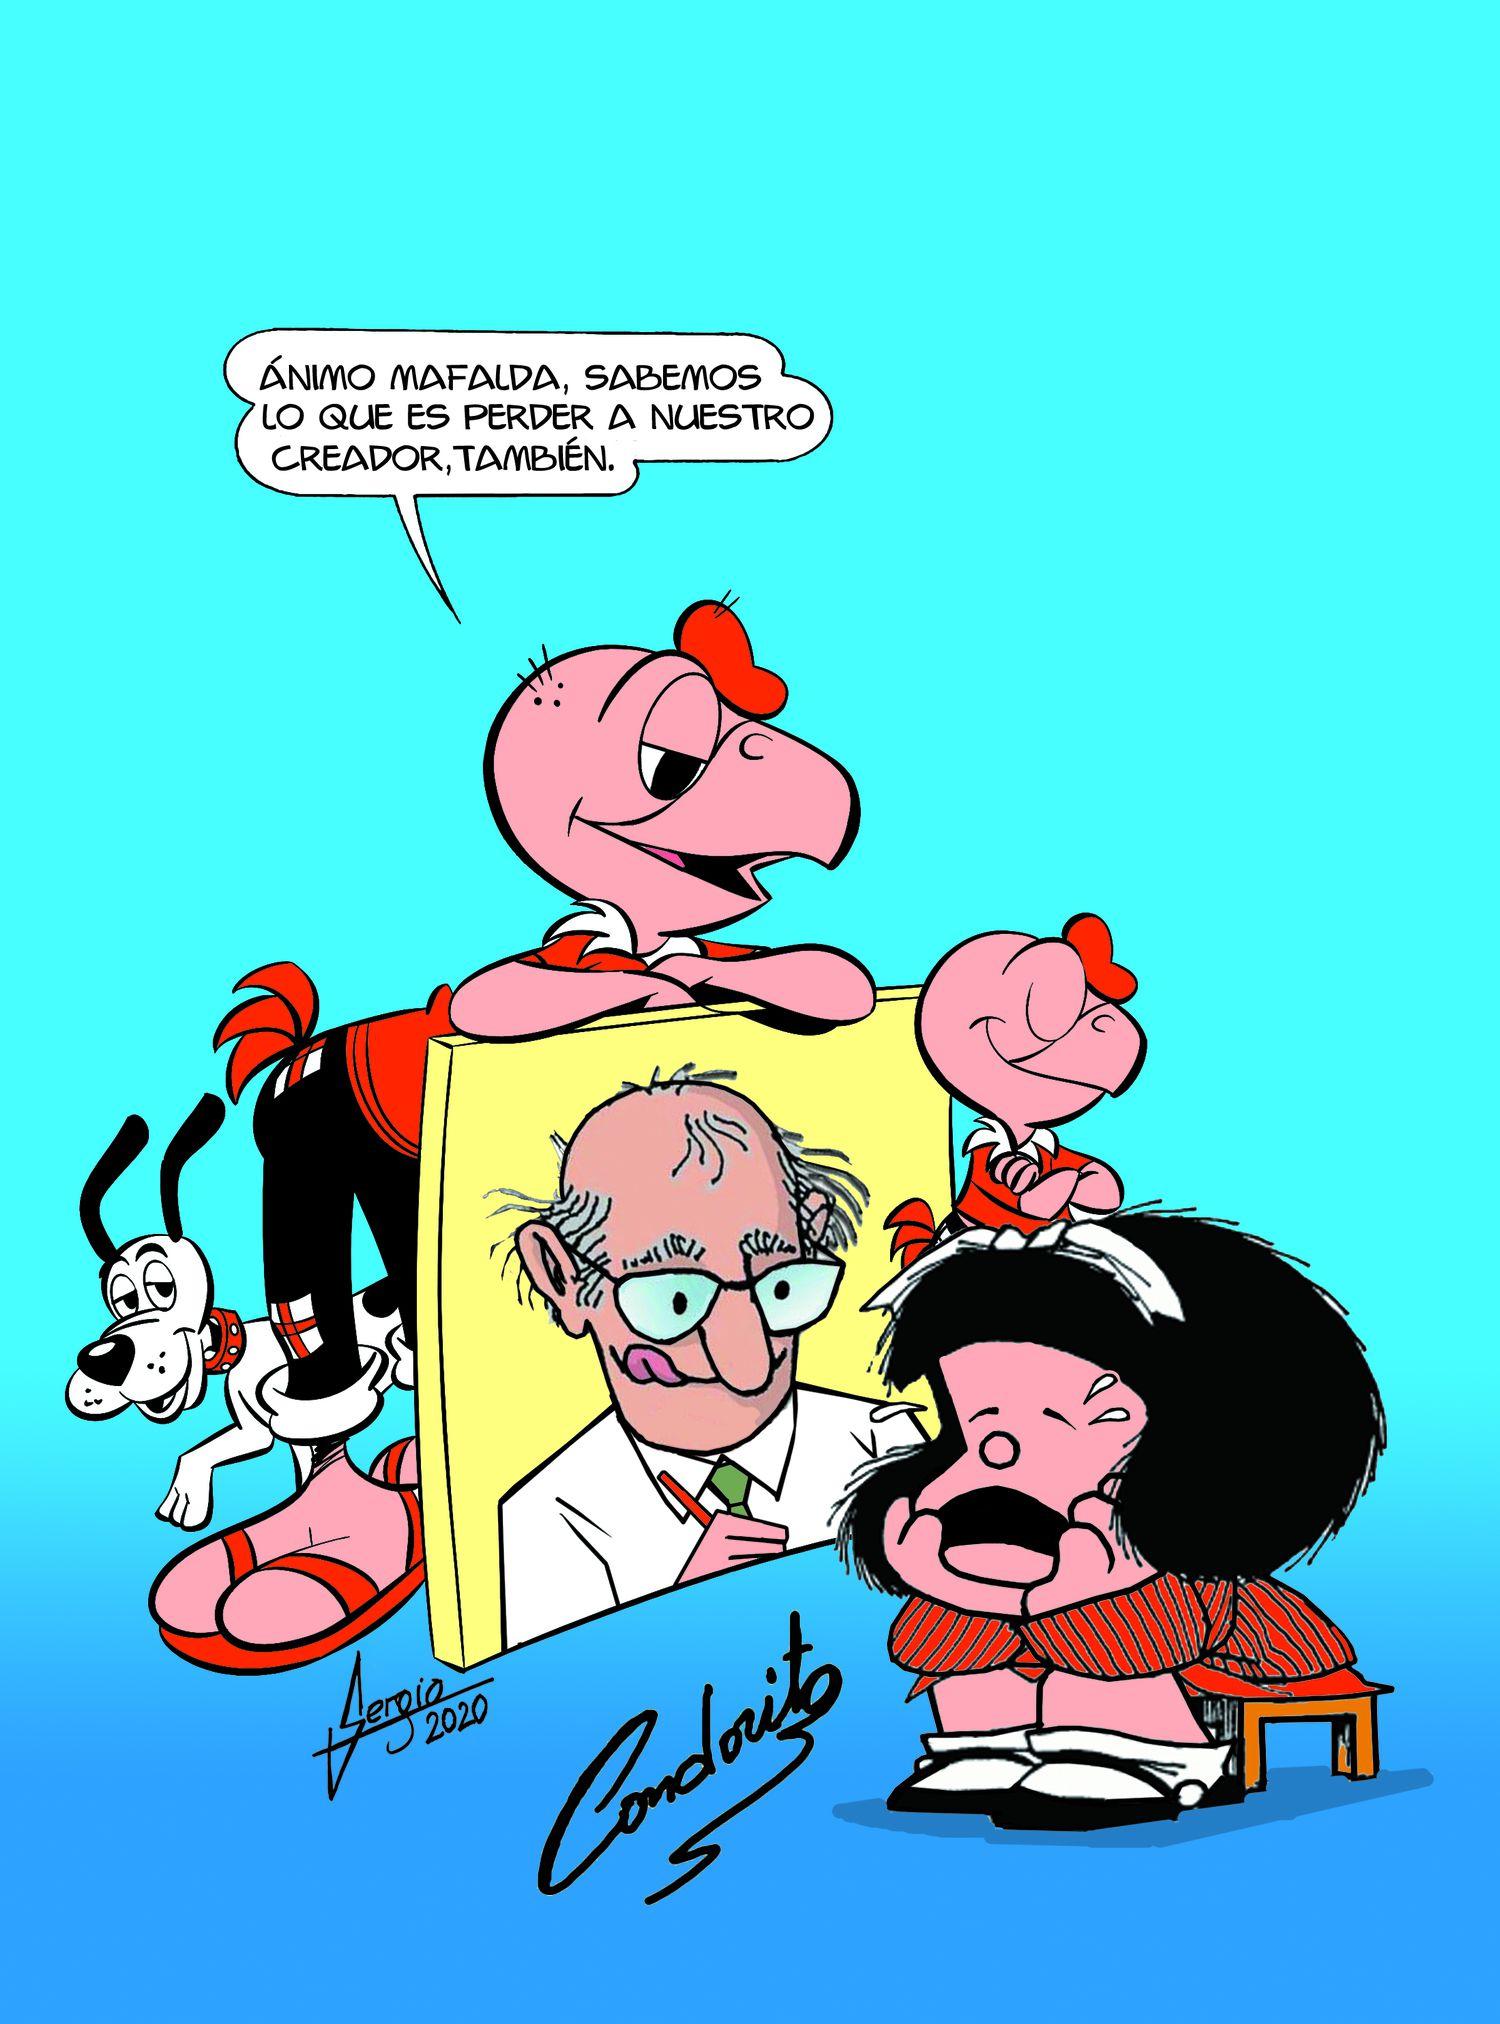 El ilustrador chileno Saúl González, de la exitosa historieta chilena 'Condorito', publica para EL PAÍS una viñeta en homenaje a Quino.